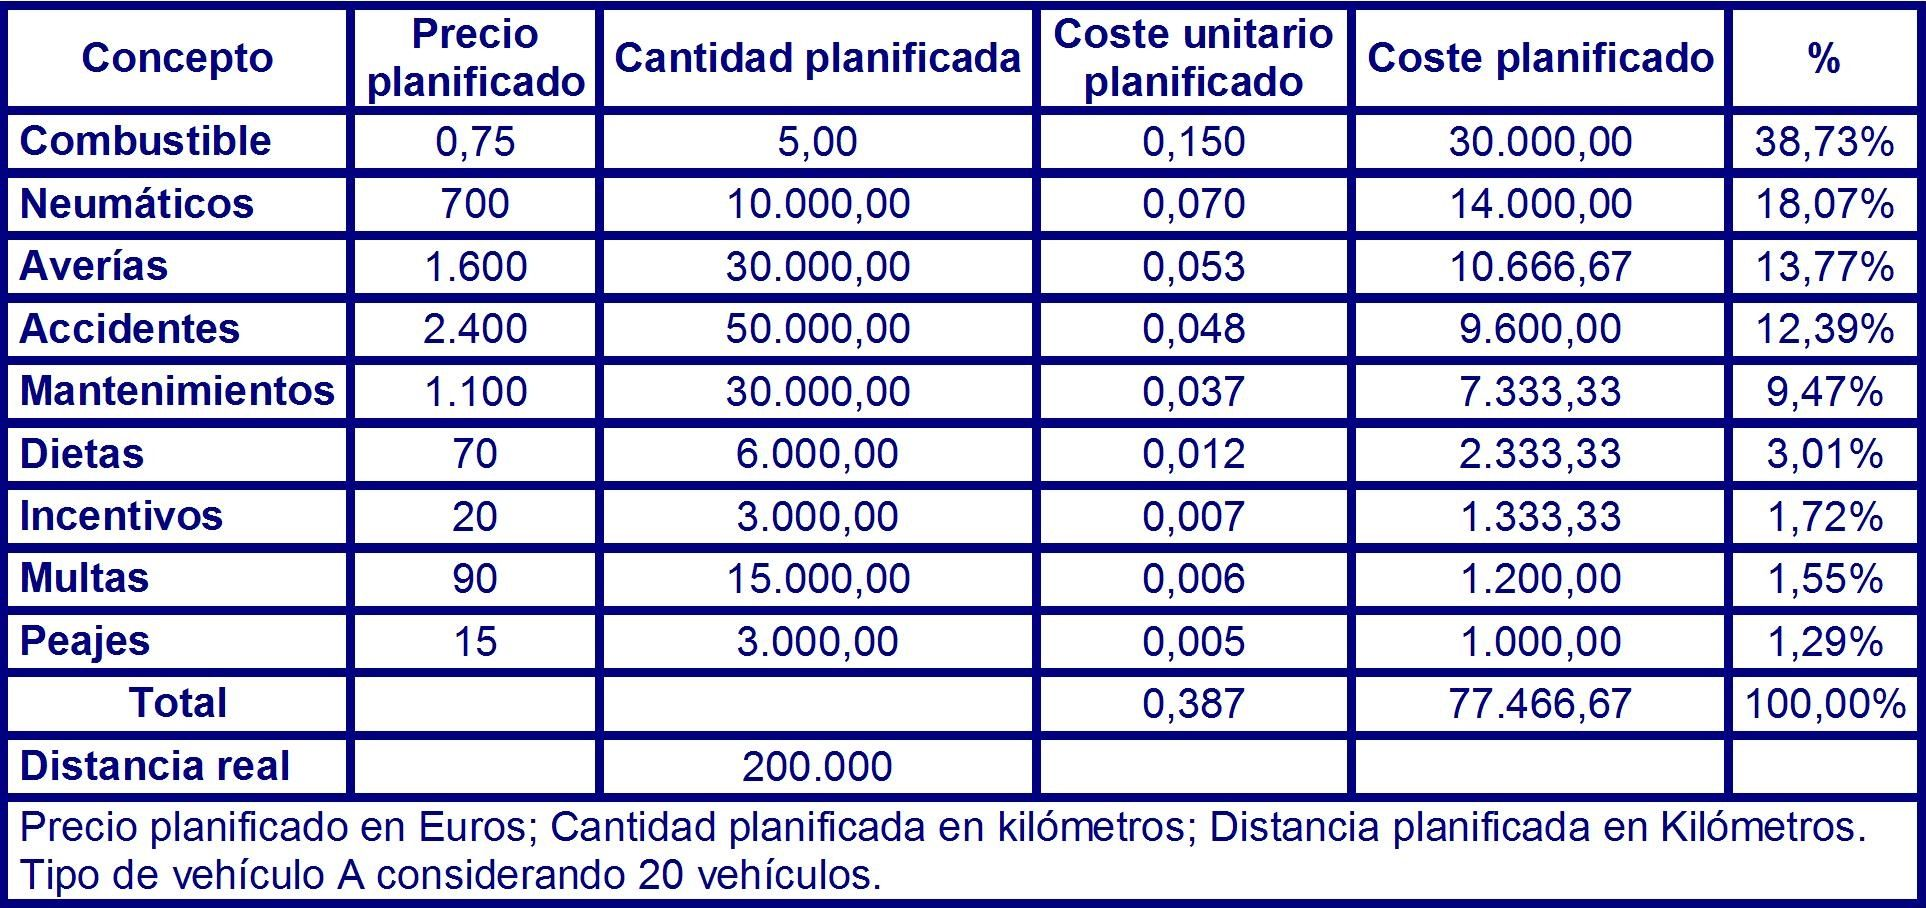 Tabla 71 costes planificados para el vehículo del tipo A en el instante T3 para 20 vehículos.